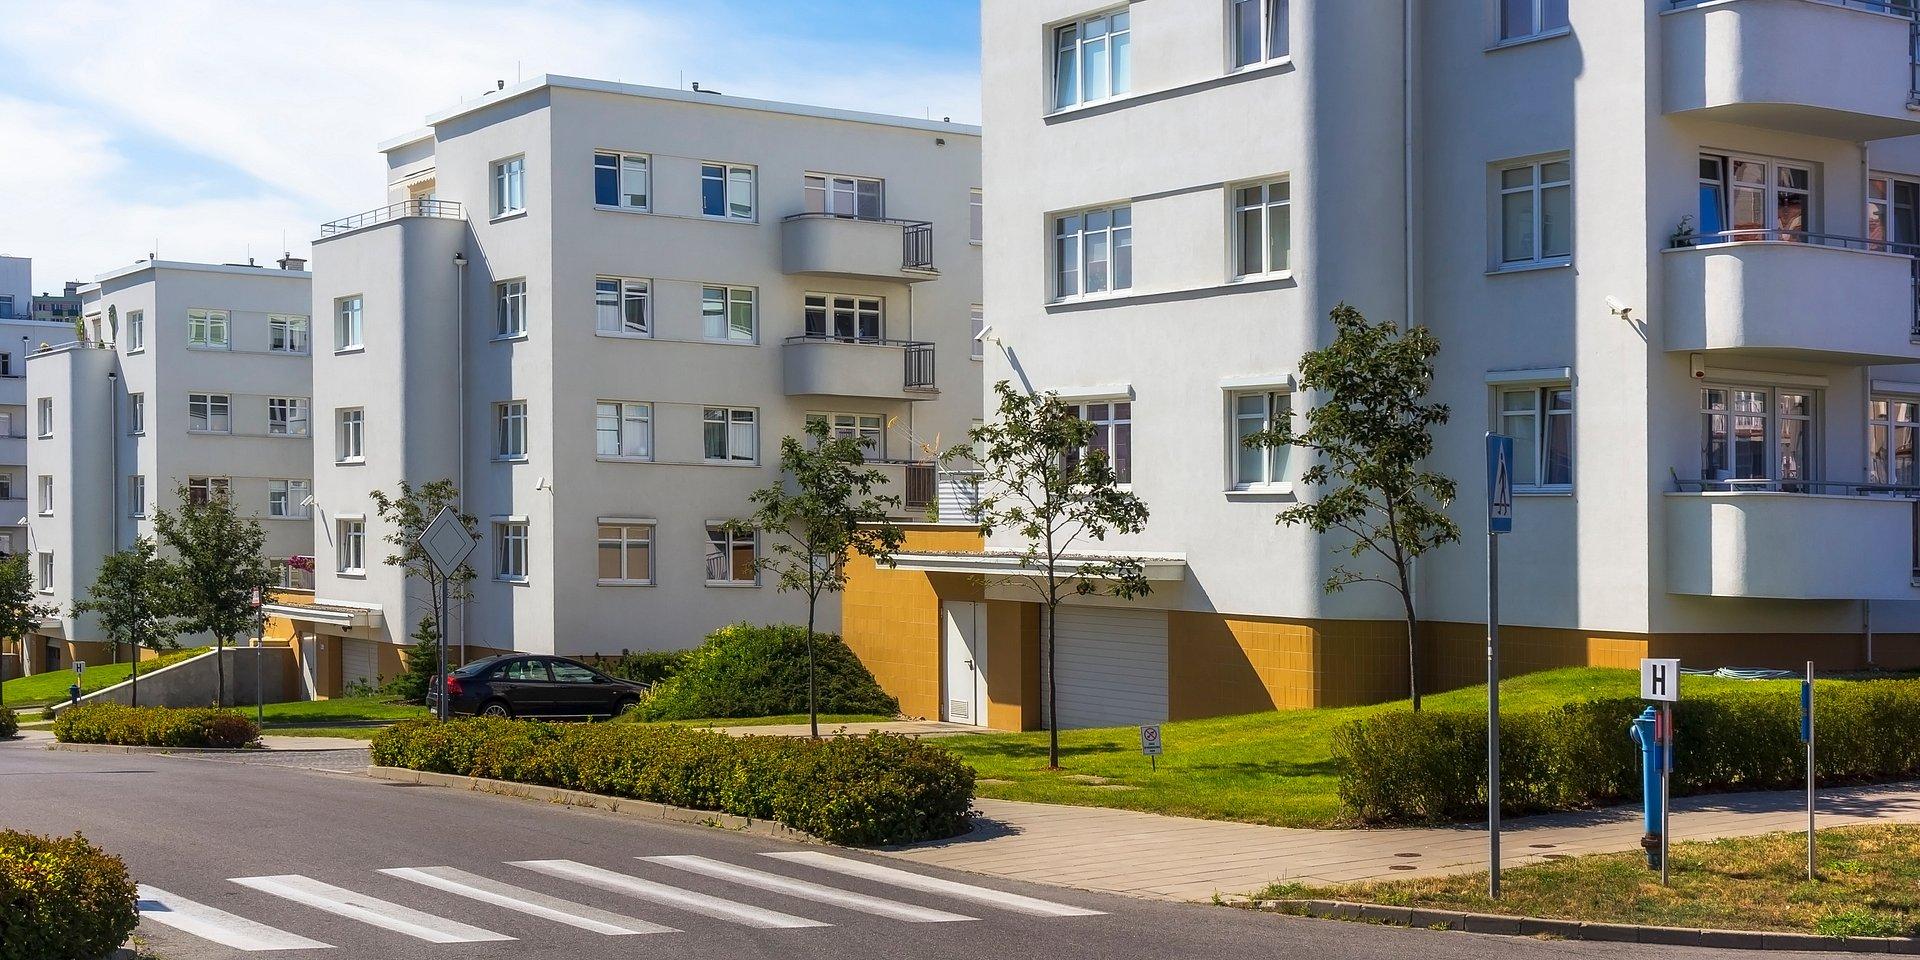 Ponad 120 nowych mieszkań na Pomorzu. BGK publikuje wyniki naboru